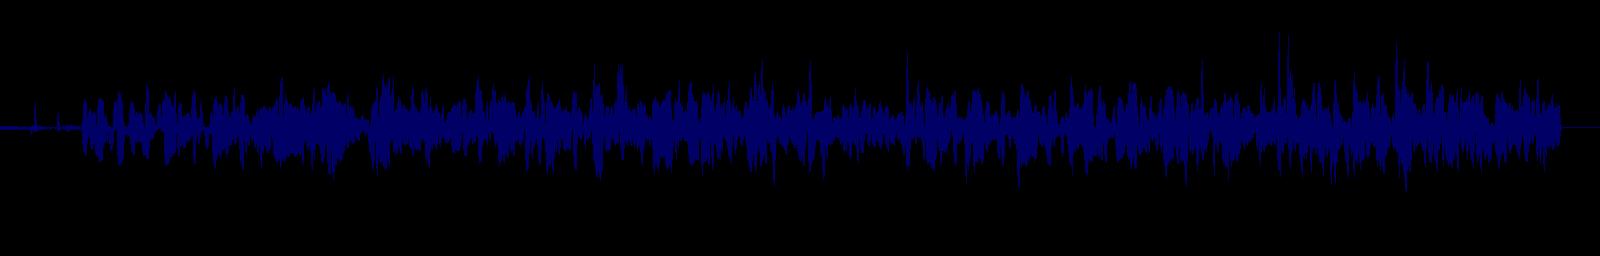 waveform of track #151871